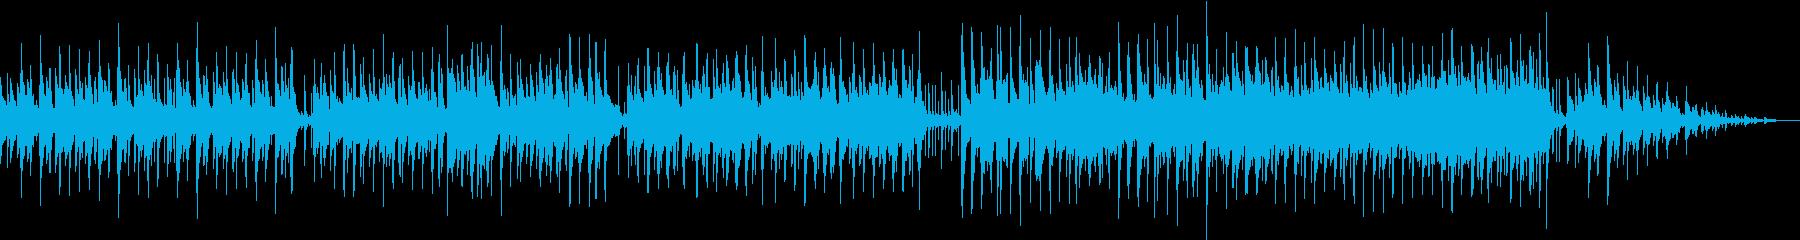 日常を演出するブルース・ジャズ風の再生済みの波形